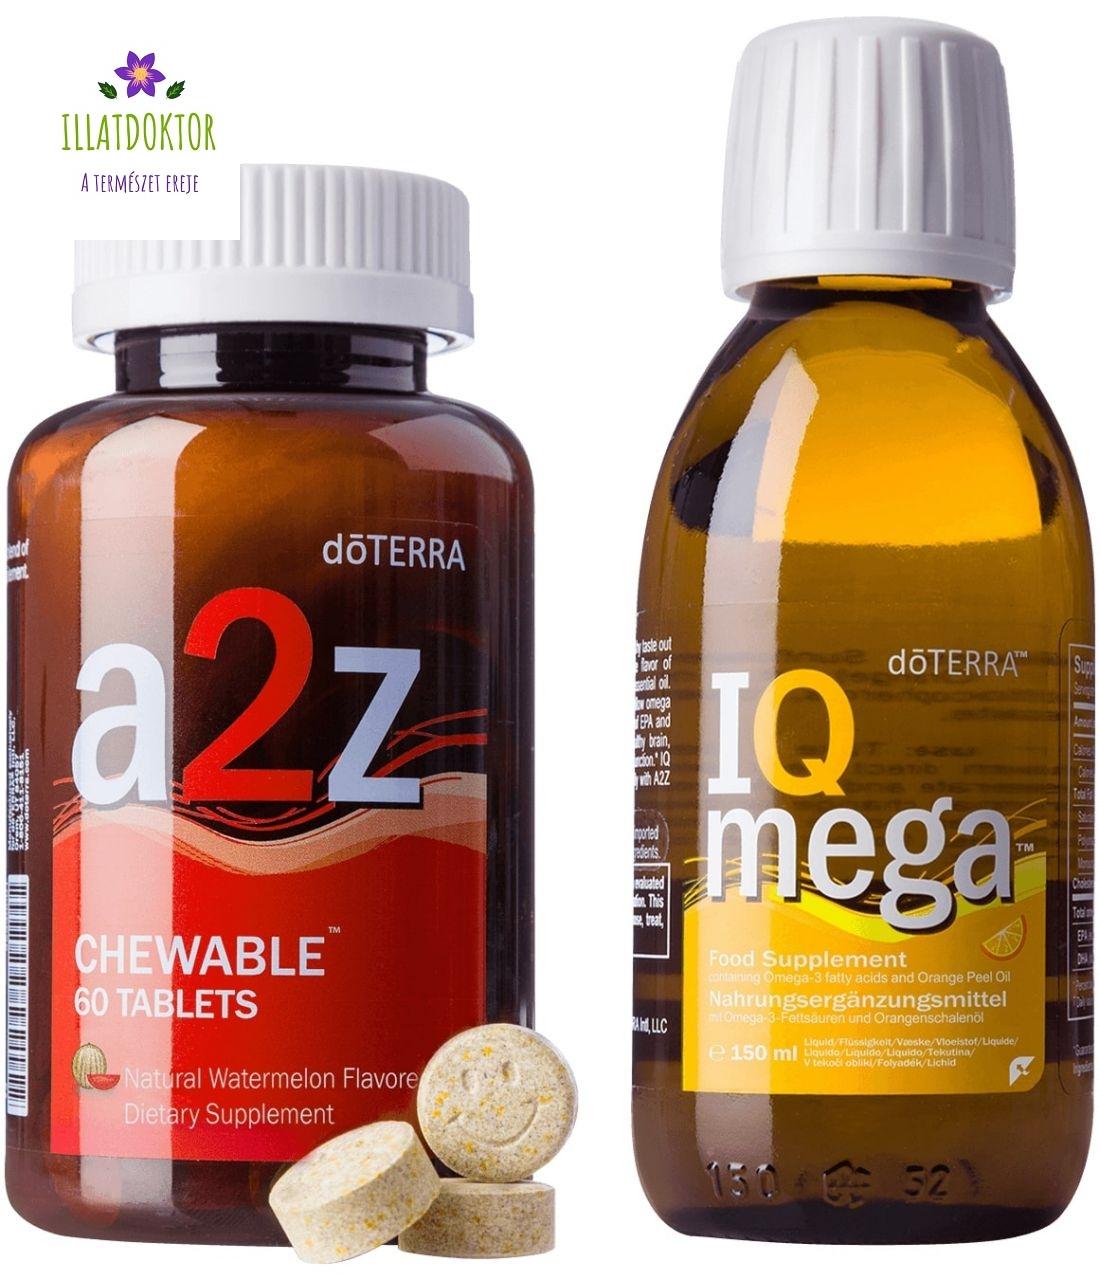 A2Z Chewable™ rágótabletta és IQ Mega™ folyékony omega-3 táplálékkiegészítő csomag